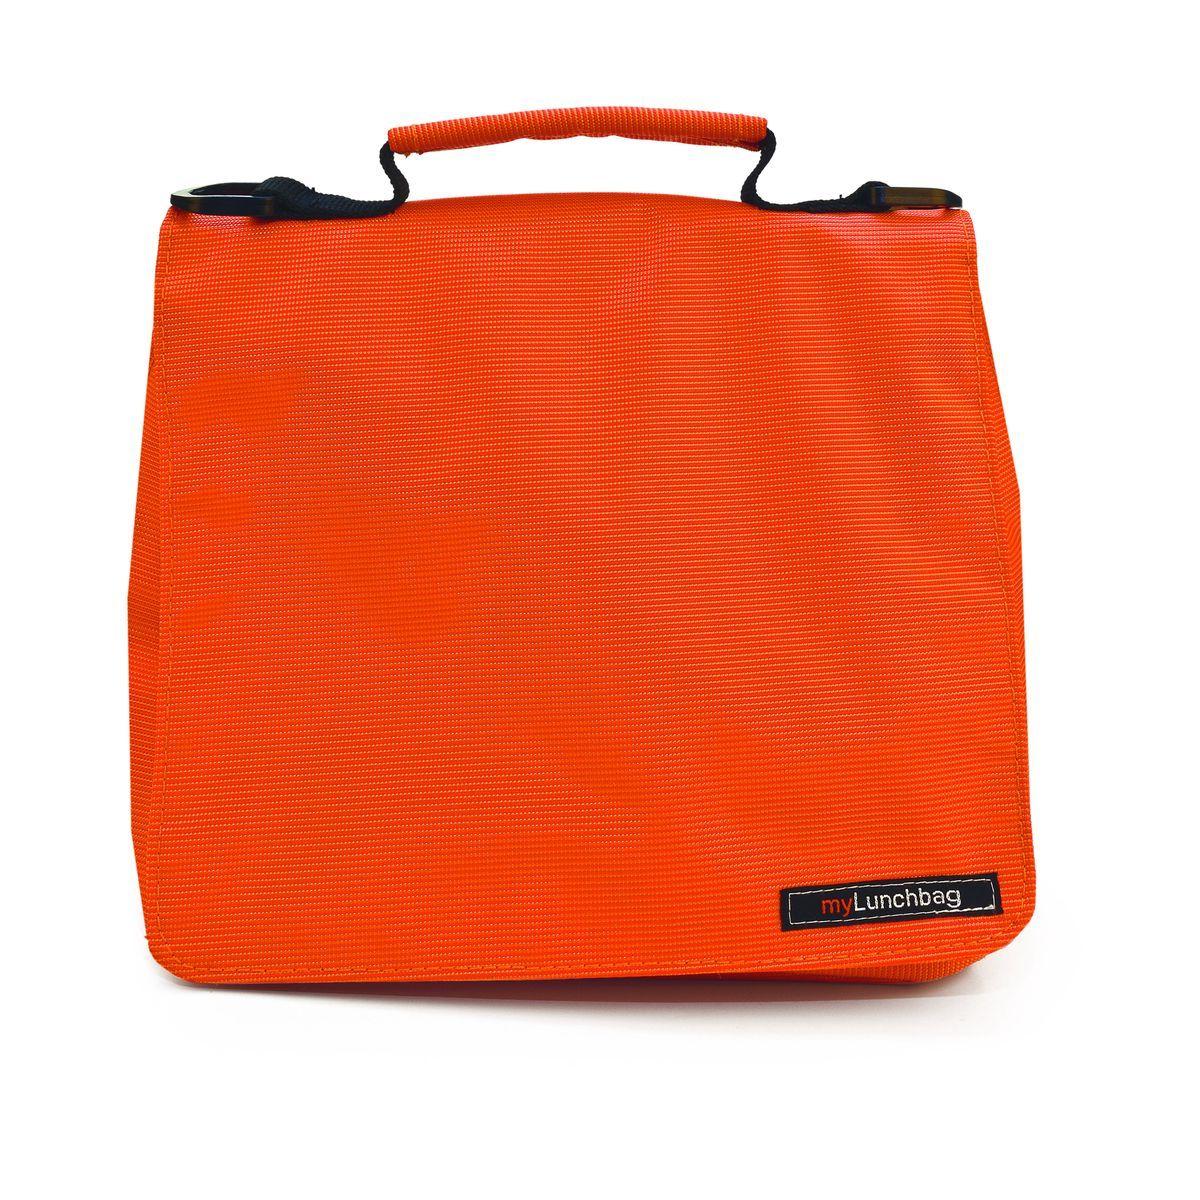 Термо ланч-бокс Iris SMART MyLunchbag, цвет: оранжевыйI9325-TXТермоЛанчбокс SMART MyLunchbag?. ?Отлично сохраняет свежесть и вкус продукта на несколько часов. Пригодится везде: на прогулке, на работе, учебе и т.д. С ним легко справится даже ребенок! Легко складывается до небольших размеров. Присутствует удобный кармашек для аксессуаров и регулируемый ремень для переноски (в одной руке или на плече). Рекомендуется регулярно стирать вручную в теплой воде с мылом. Сделан из полиэстера